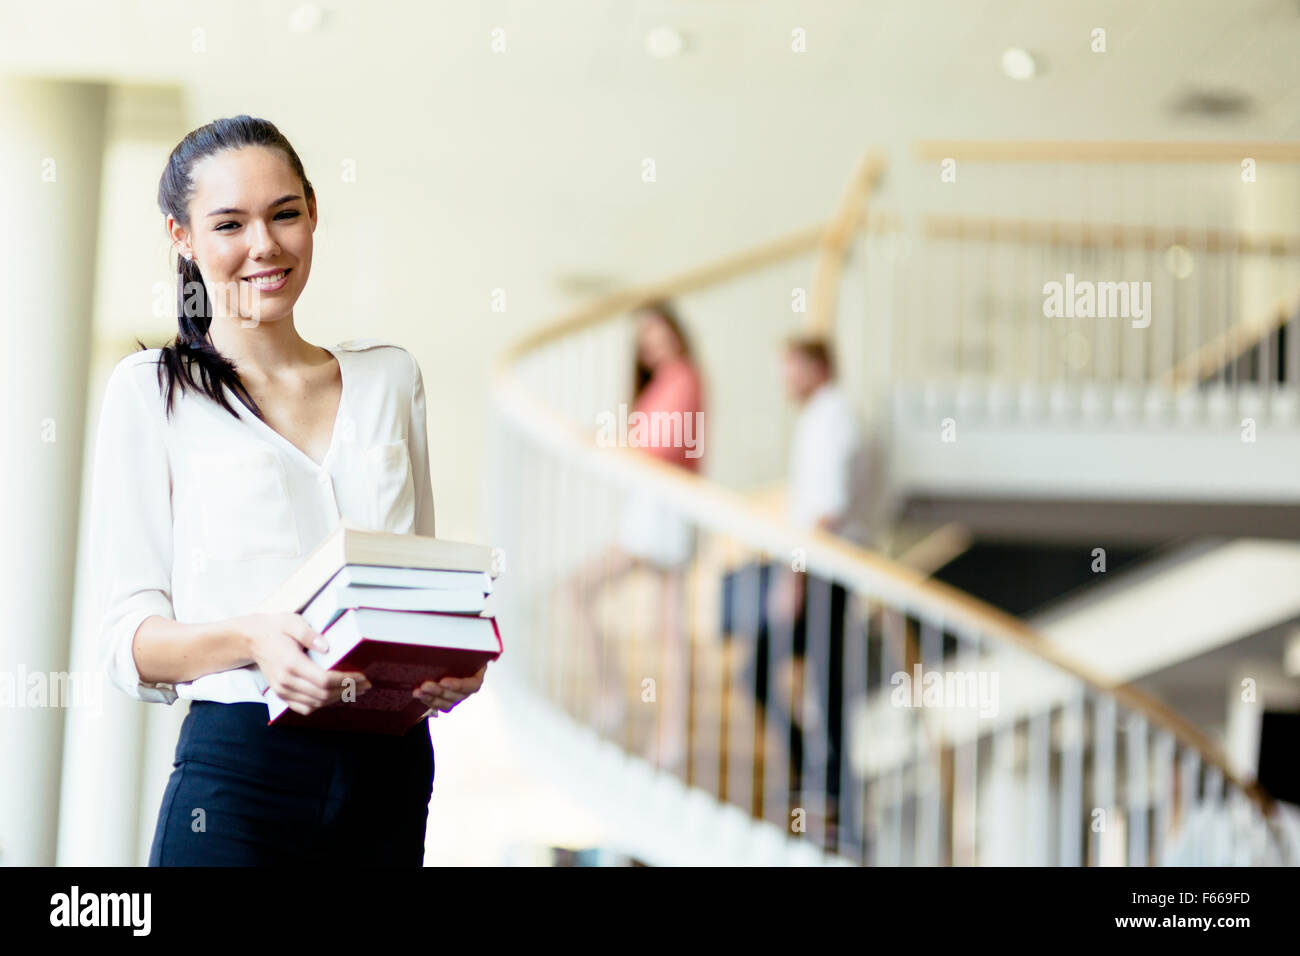 Belle femme holding books et souriant dans une bibliothèque moderne Photo Stock